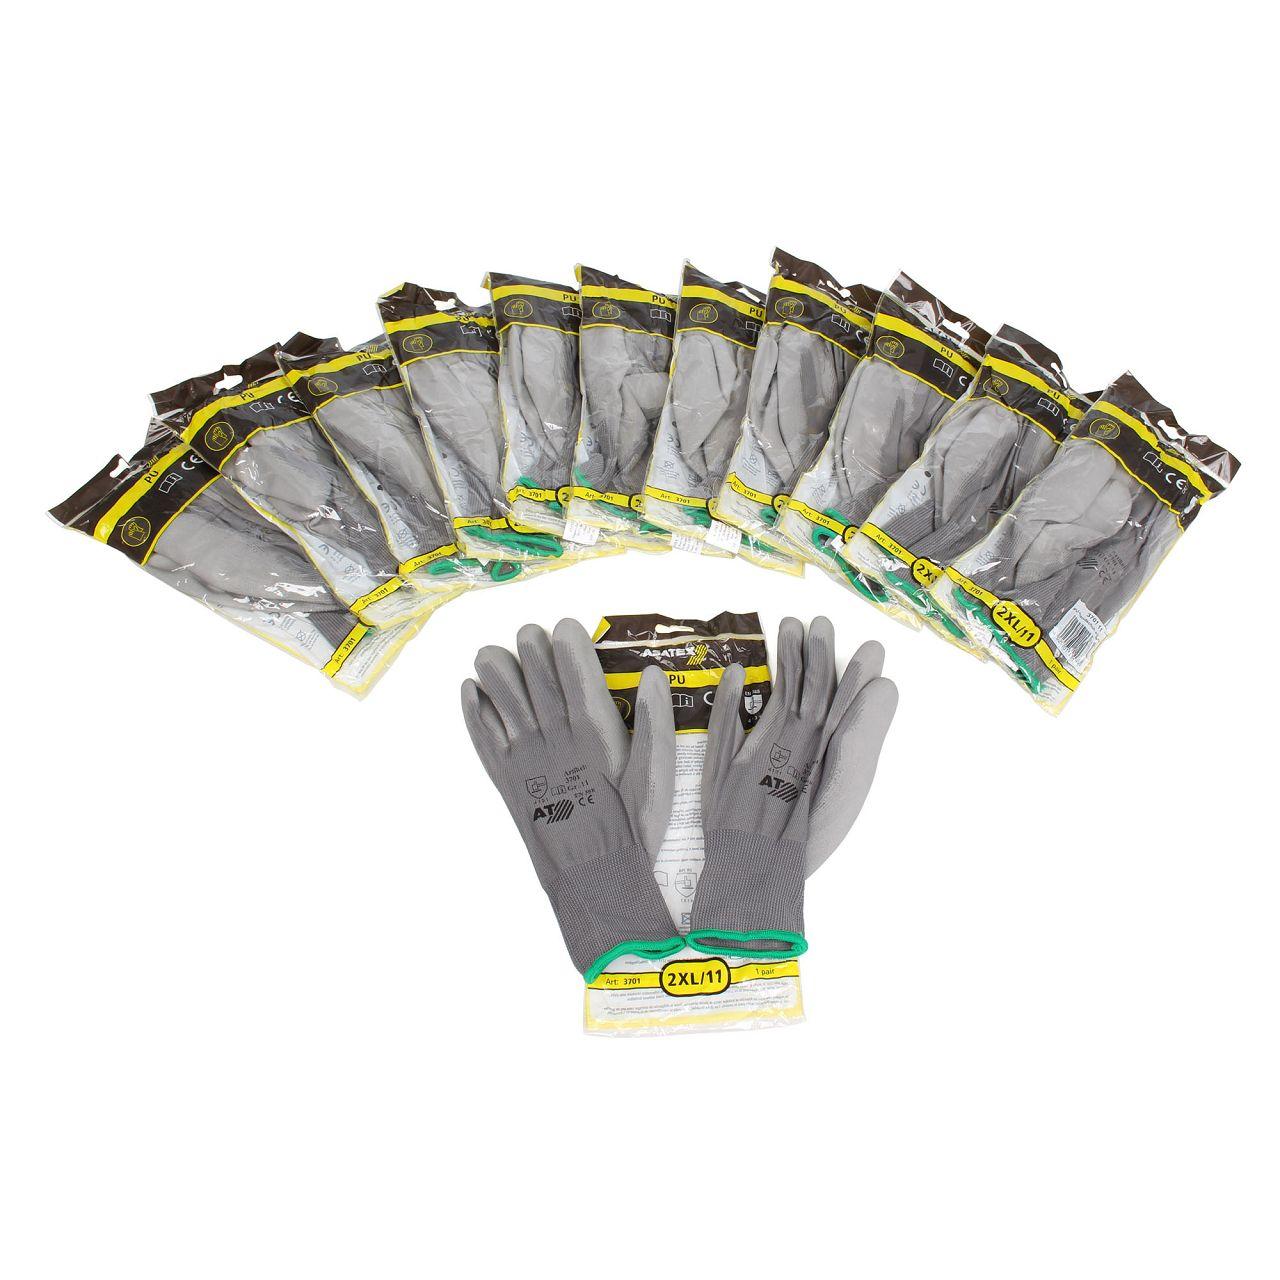 ASATEX 3701 Handschuhe Arbeitshandschuhe GUMMIERT - GRAU Größe 11 / XXL (12)